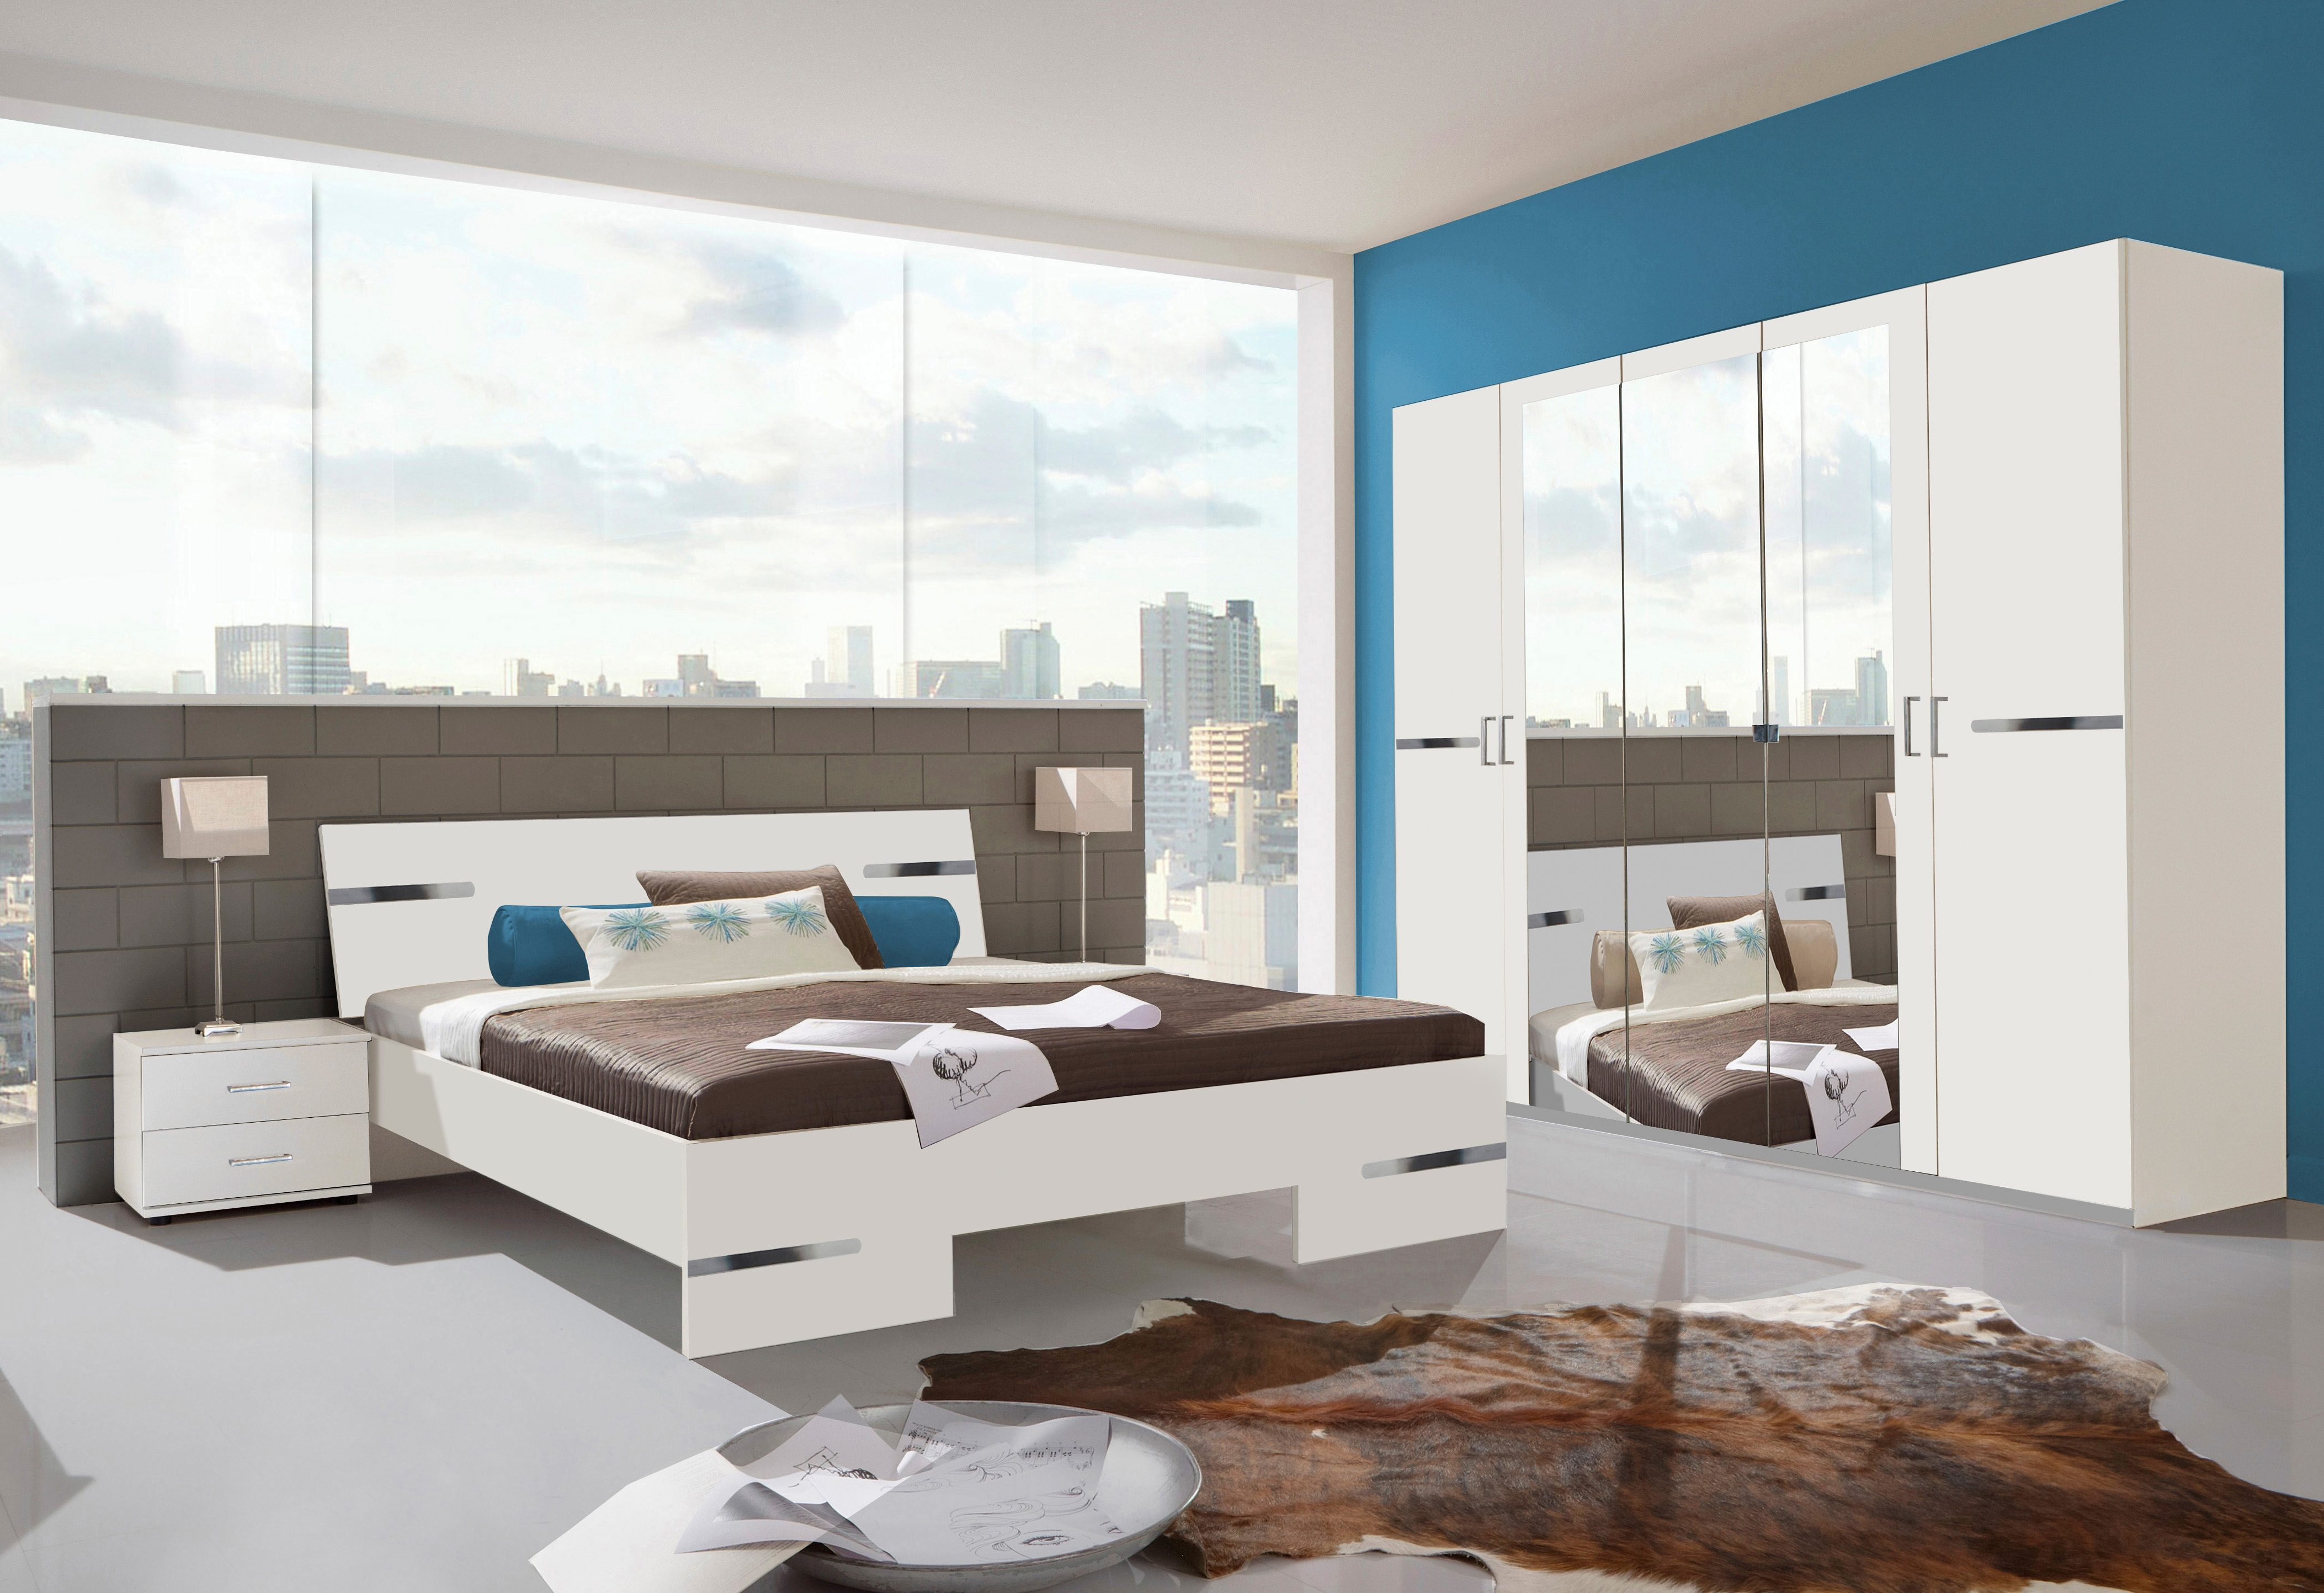 Slaapkamer Compleet Goedkoop : Complete slaapkamer online bestellen dat doe je in onze shop otto